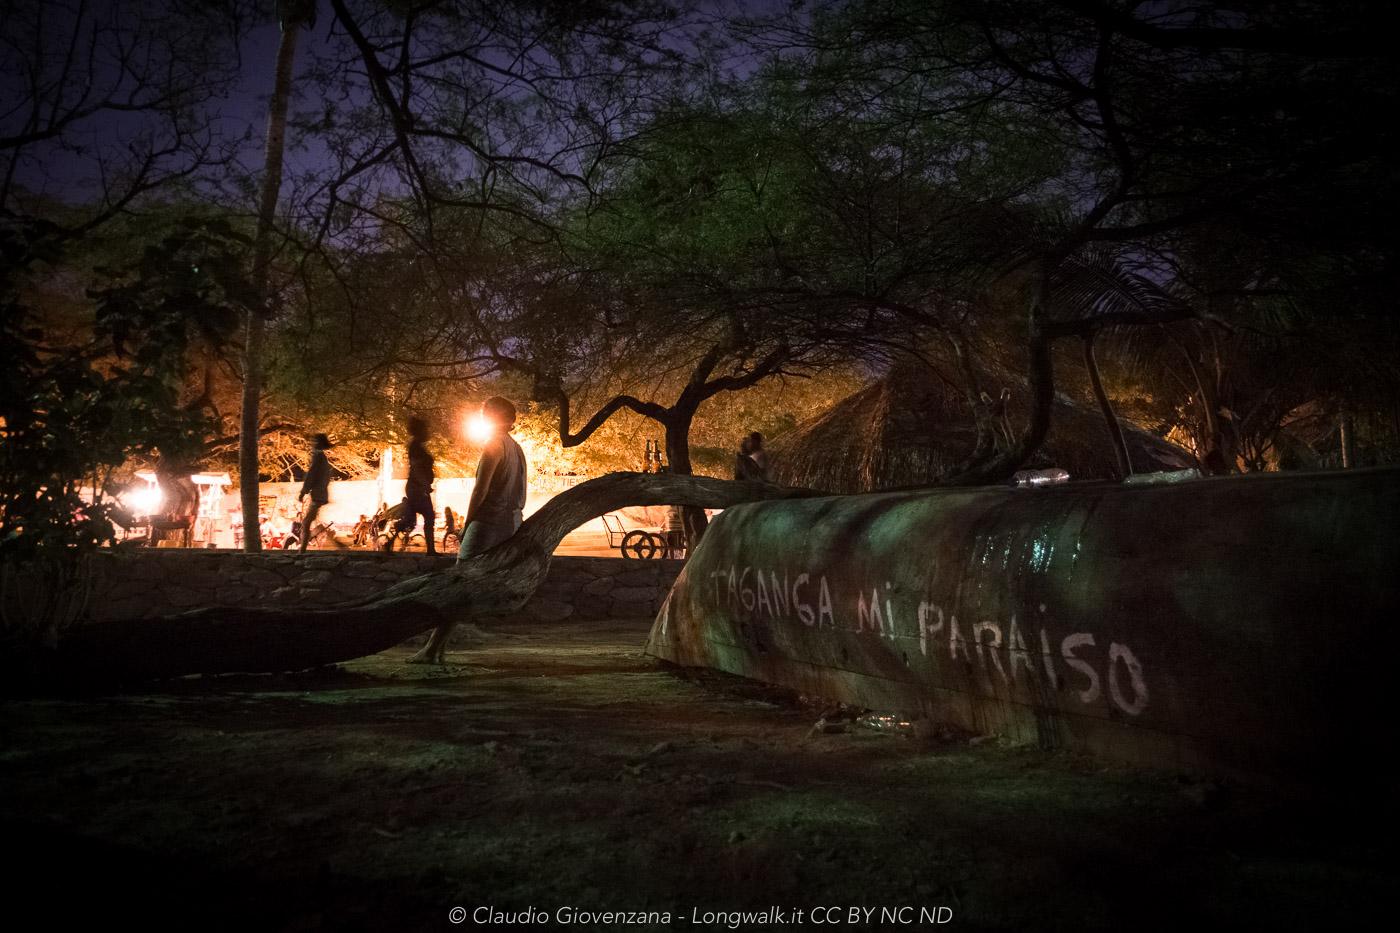 La notte a Taganga colombia